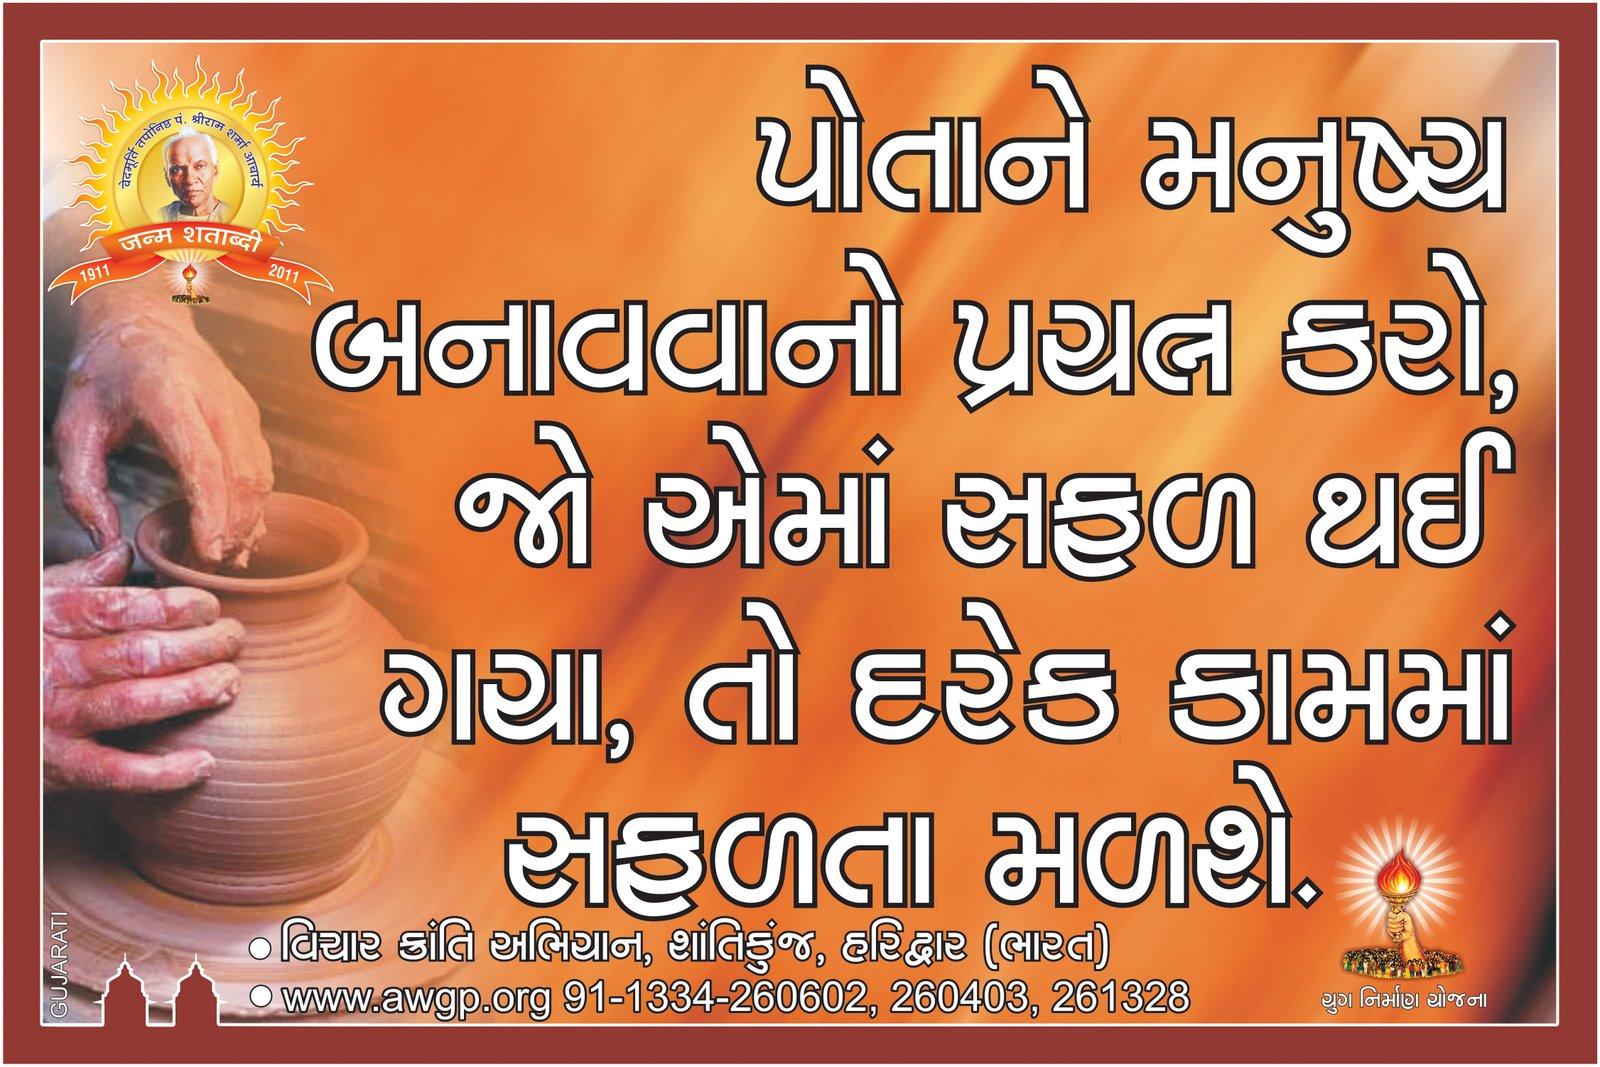 Gujarati Suvichar મંગળવાર, 28 મે, 2013